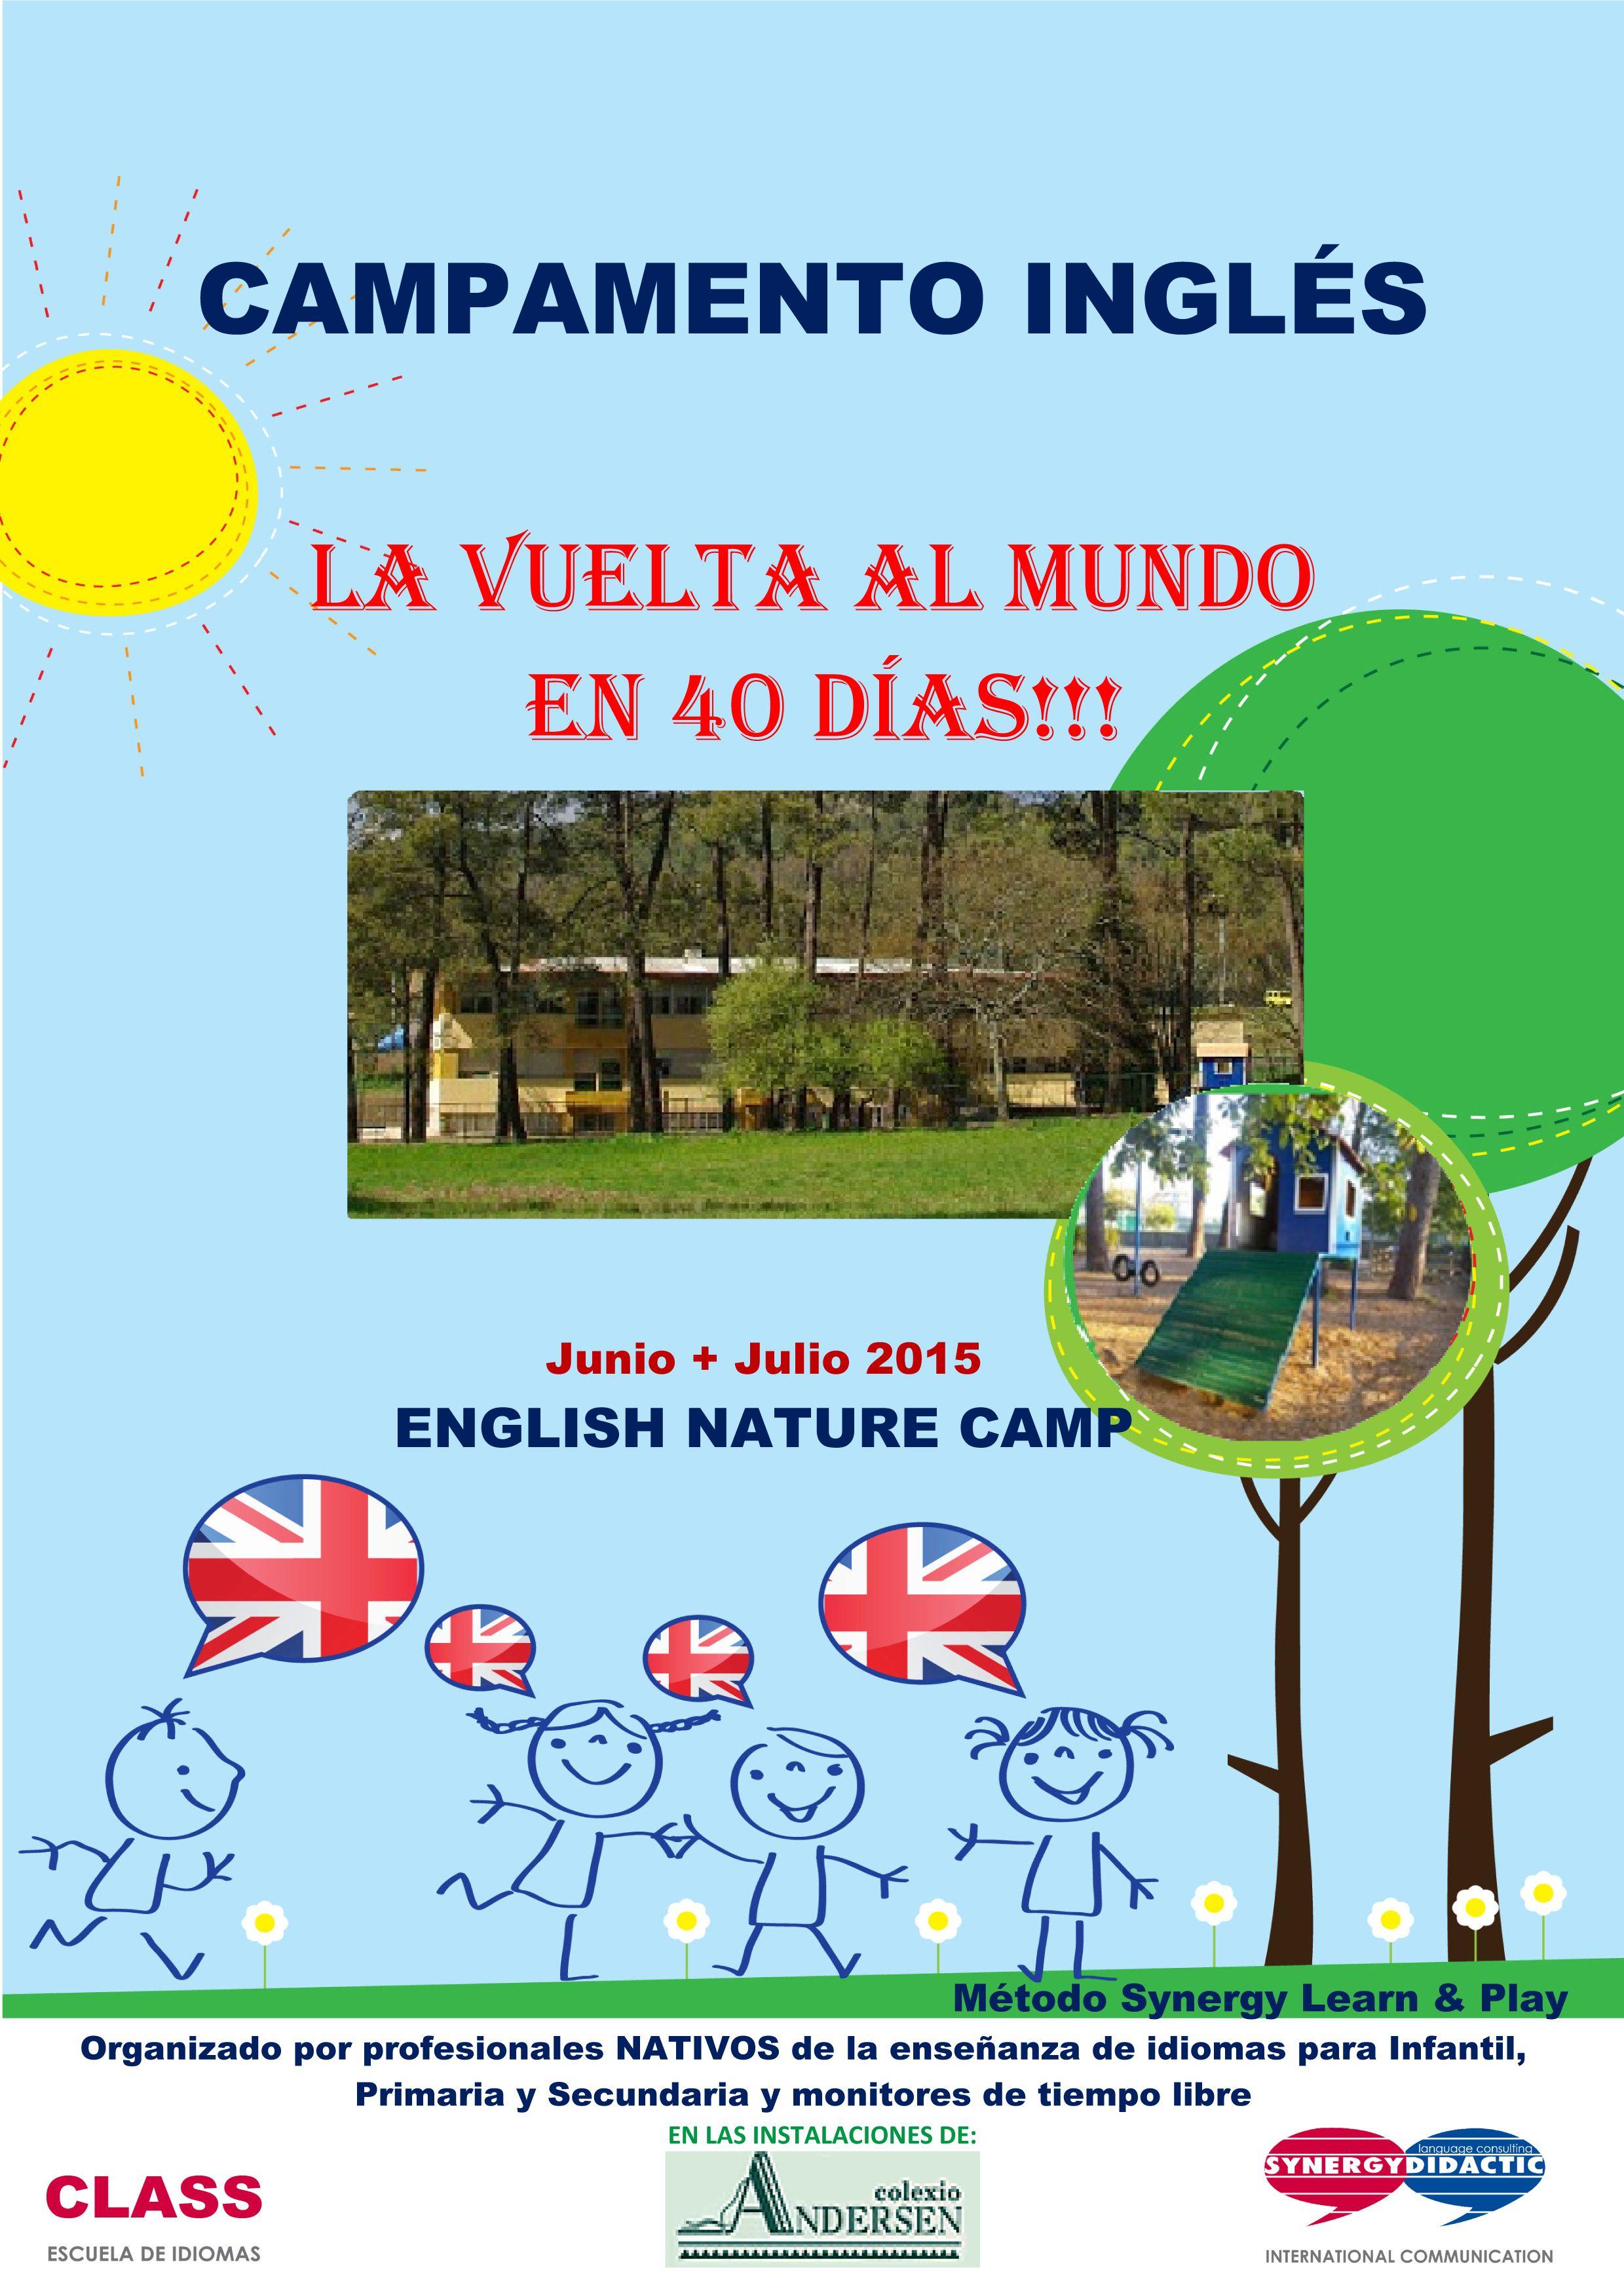 Tus hijos aprenderán inglés en un entorno natural